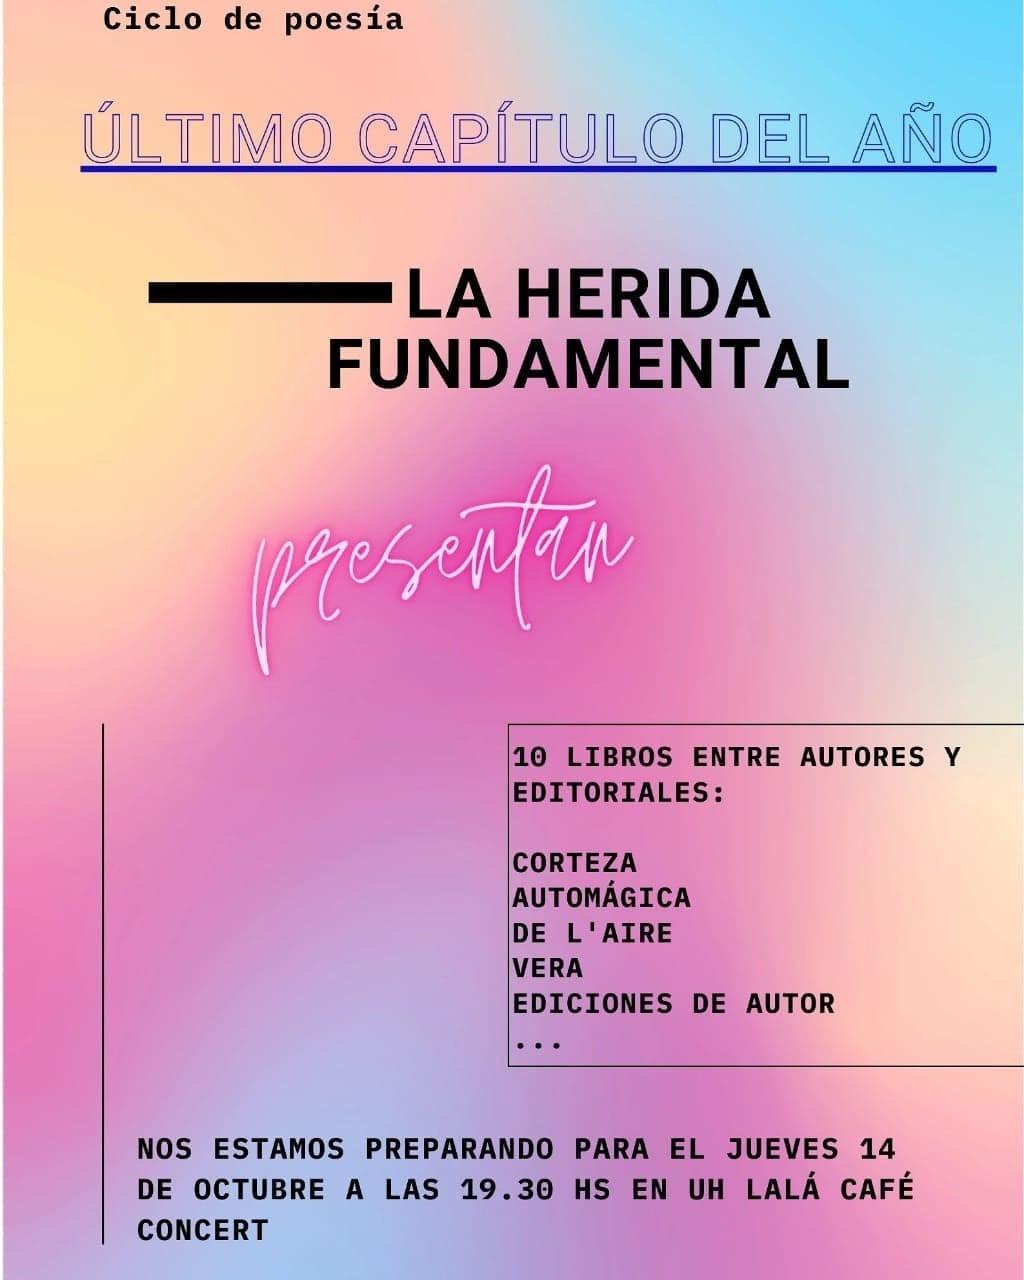 14/10 - Presentaciòn de libros en UH LALA